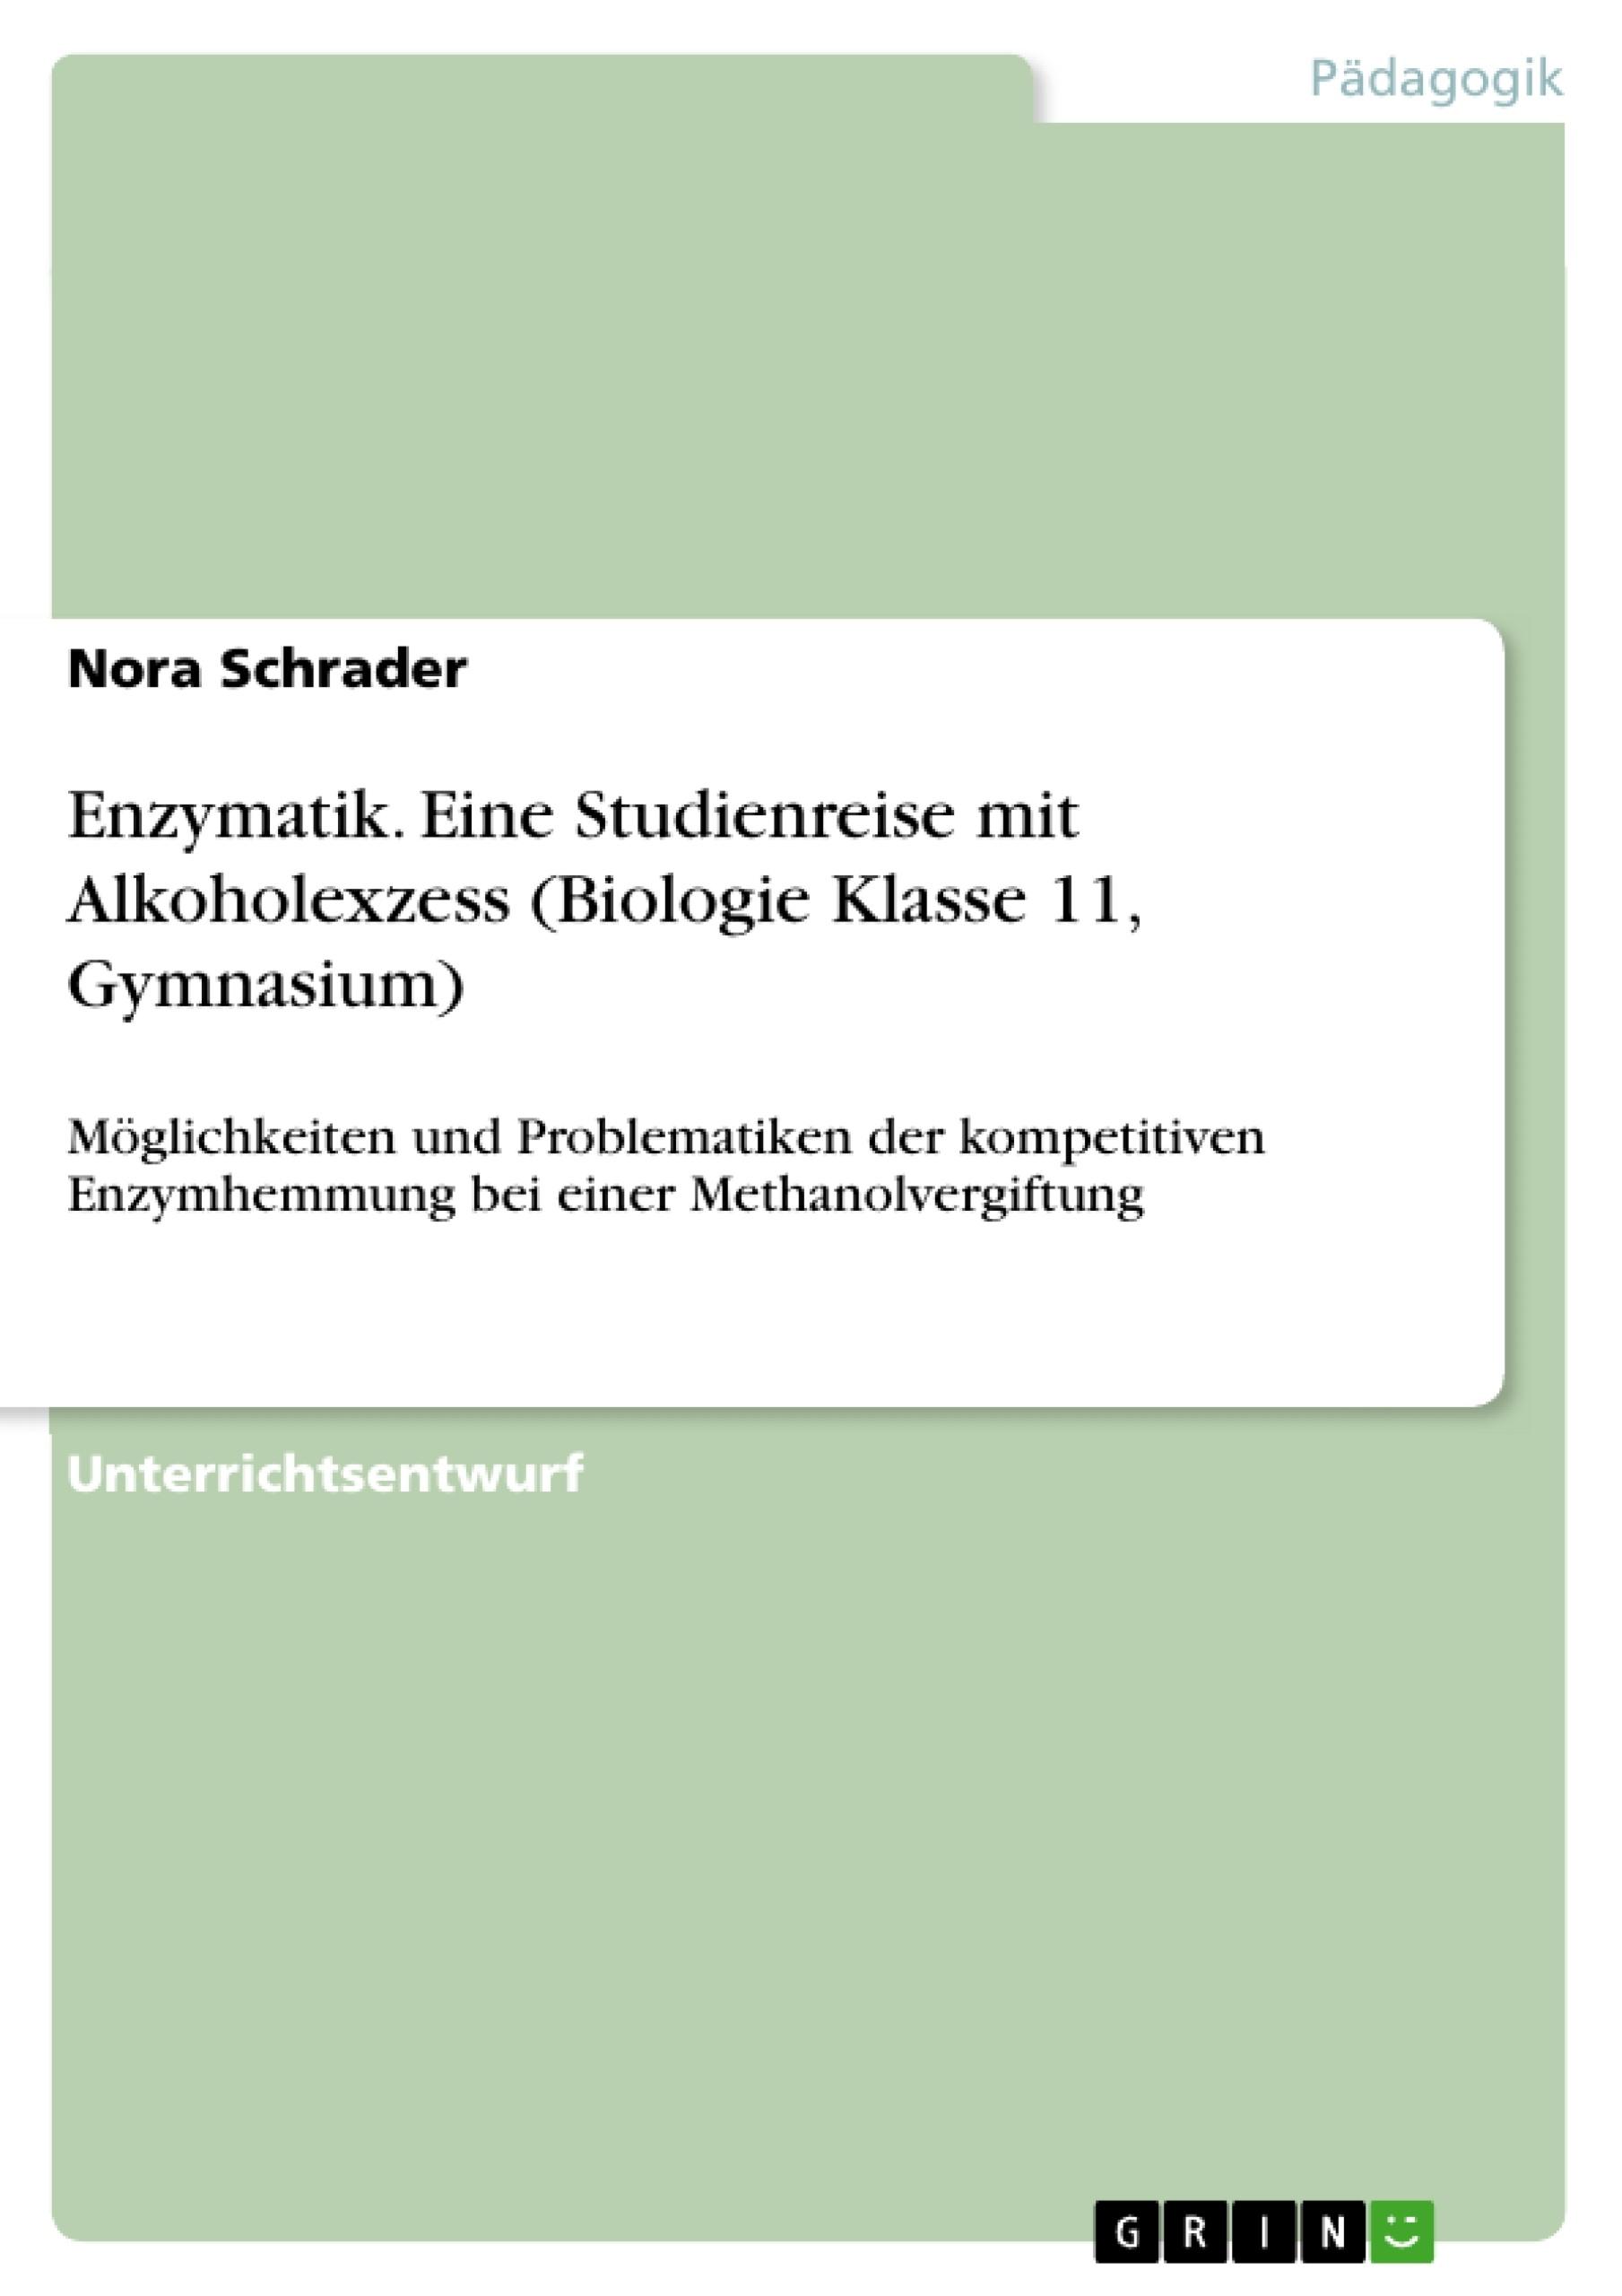 Titel: Enzymatik. Eine Studienreise mit Alkoholexzess (Biologie Klasse 11, Gymnasium)